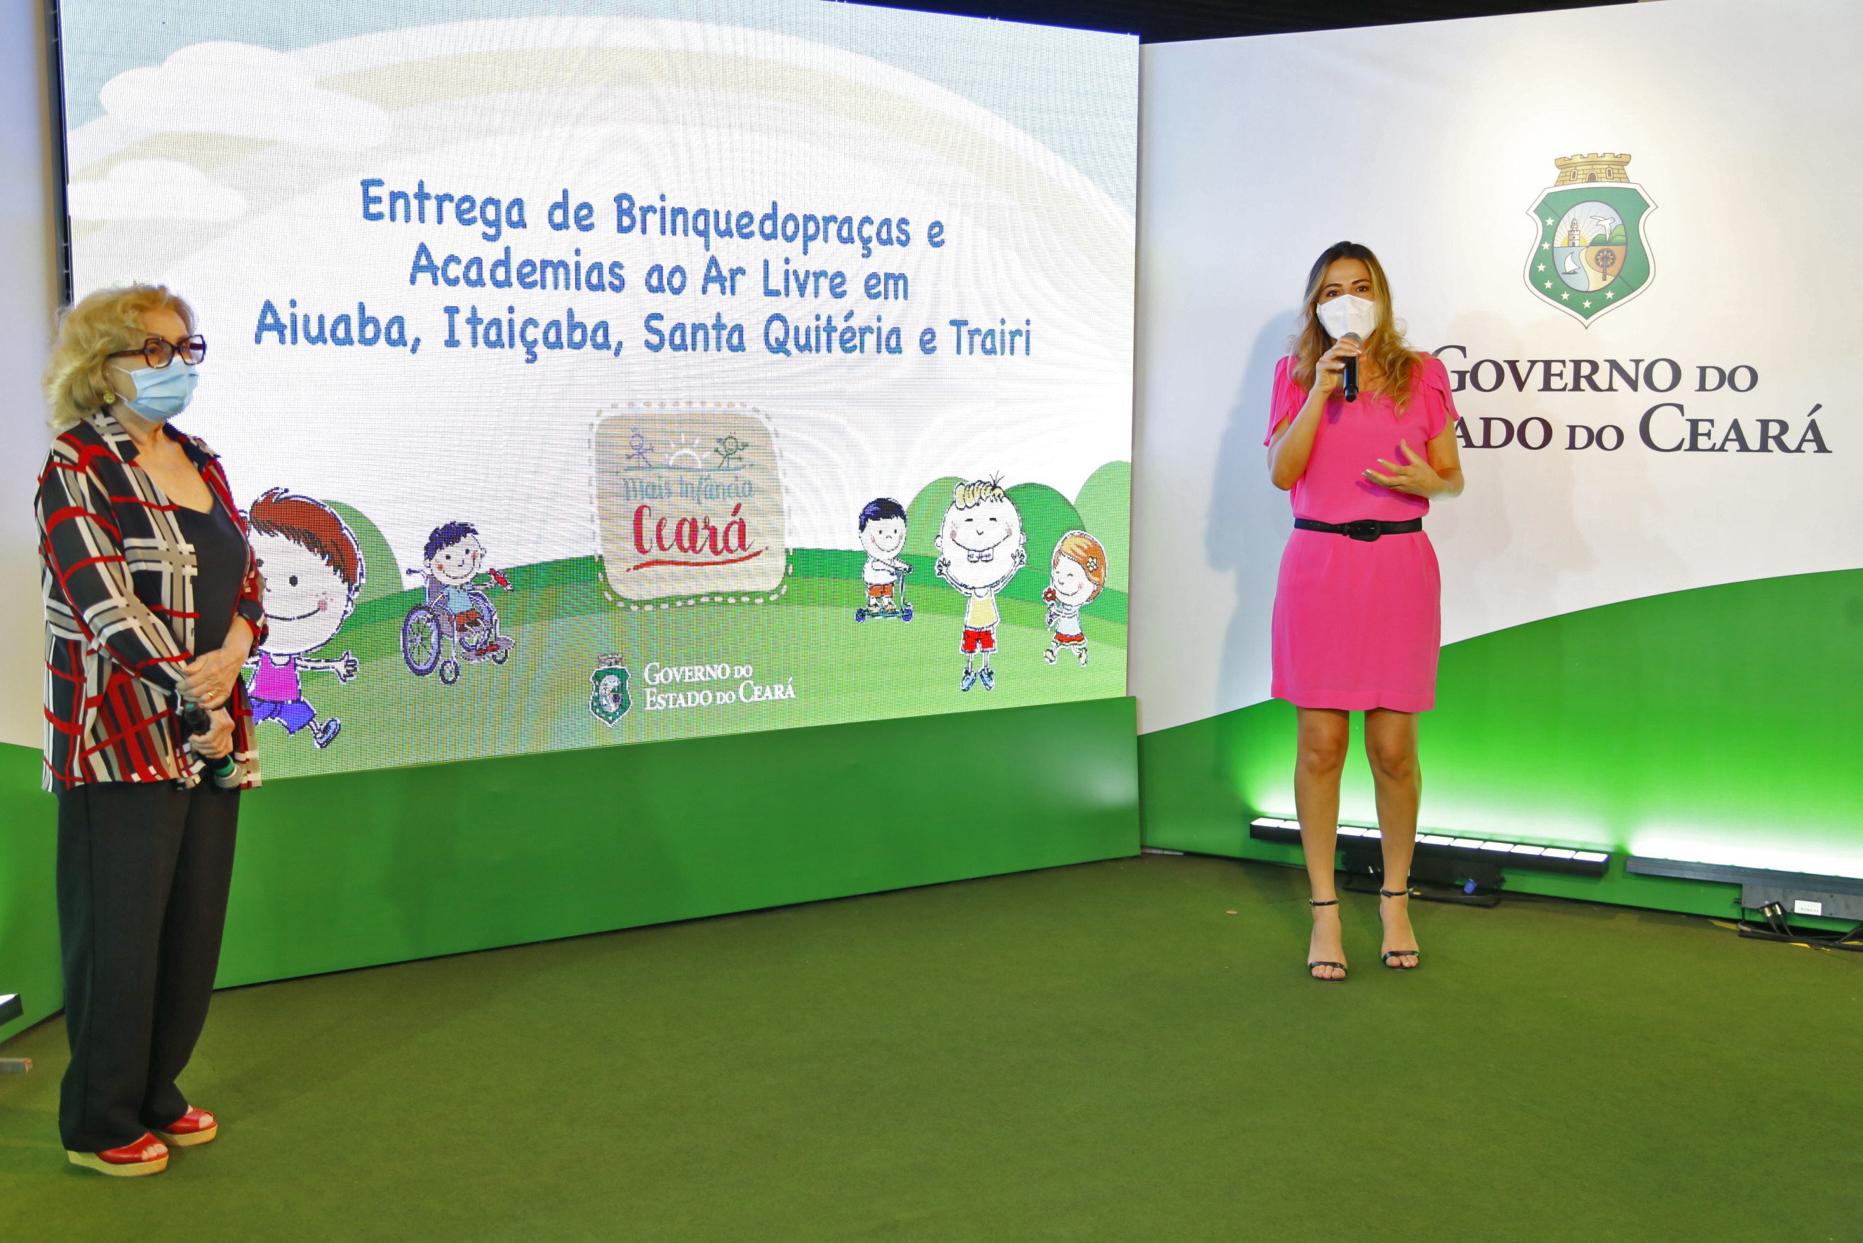 Onélia Santana e Socorro França inauguram quatro novas brinquedopraças e academias ao ar livre